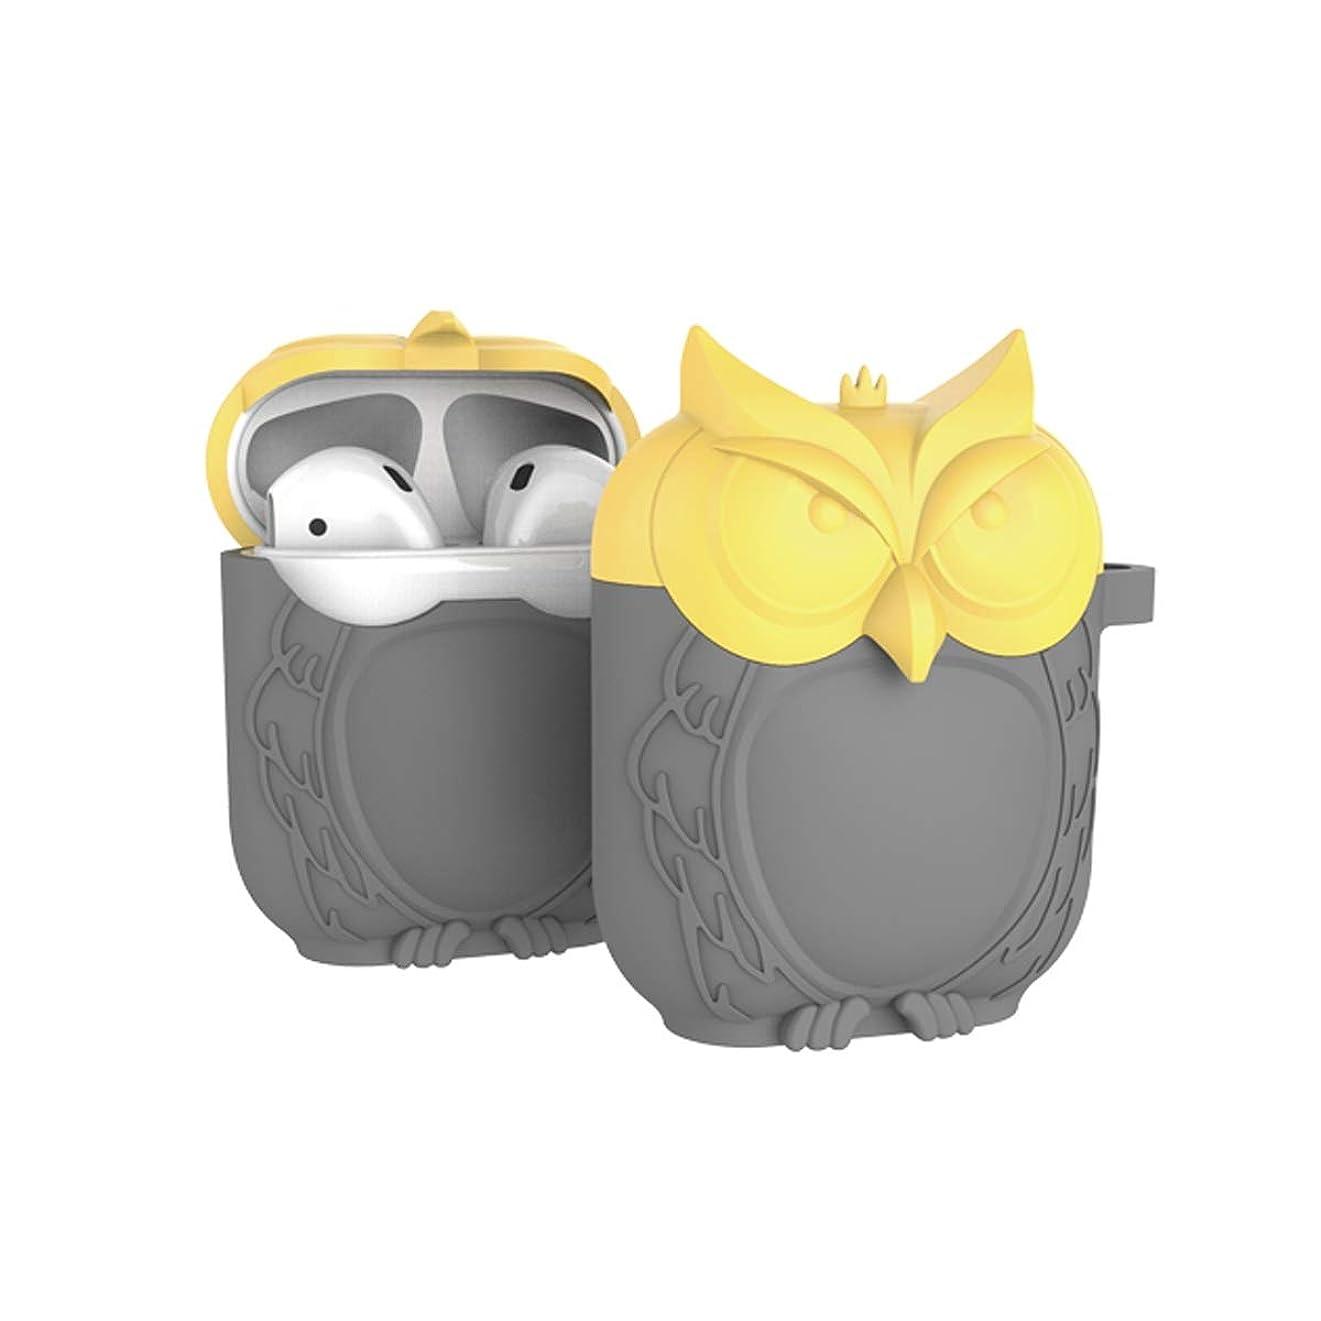 ハイジャック蓄積する作成するLHSY Bluetoothワイヤレスヘッドセットの充電AirPodsふたボックス部シリコーンソフトカバースリップスリップ漫画のパーソナリティアンチロストブラックAirPods (Color : Gray yellow)